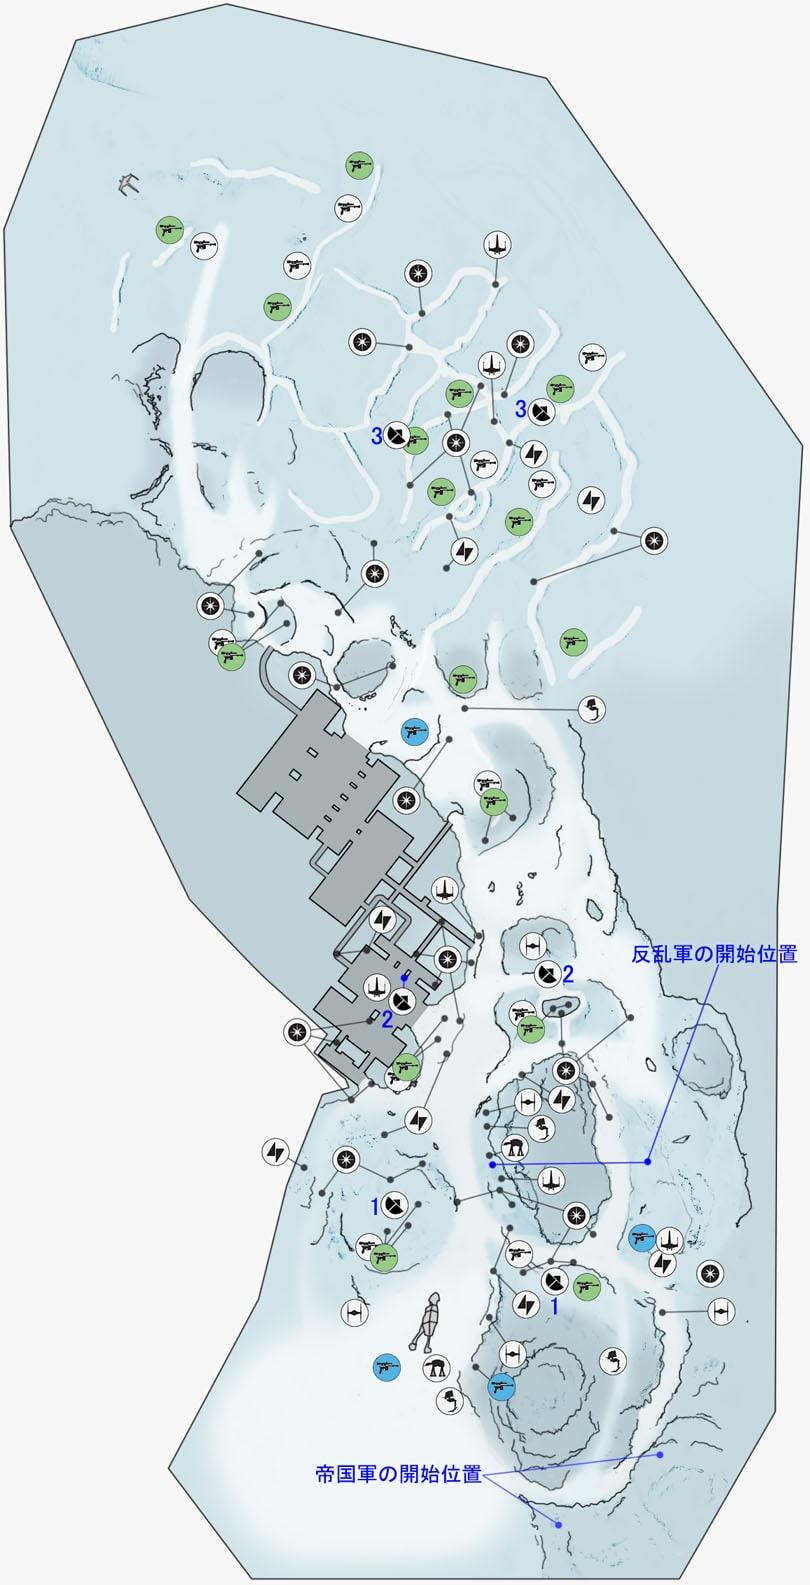 ウォーカー・アサルトの前哨基地ベータのマップ